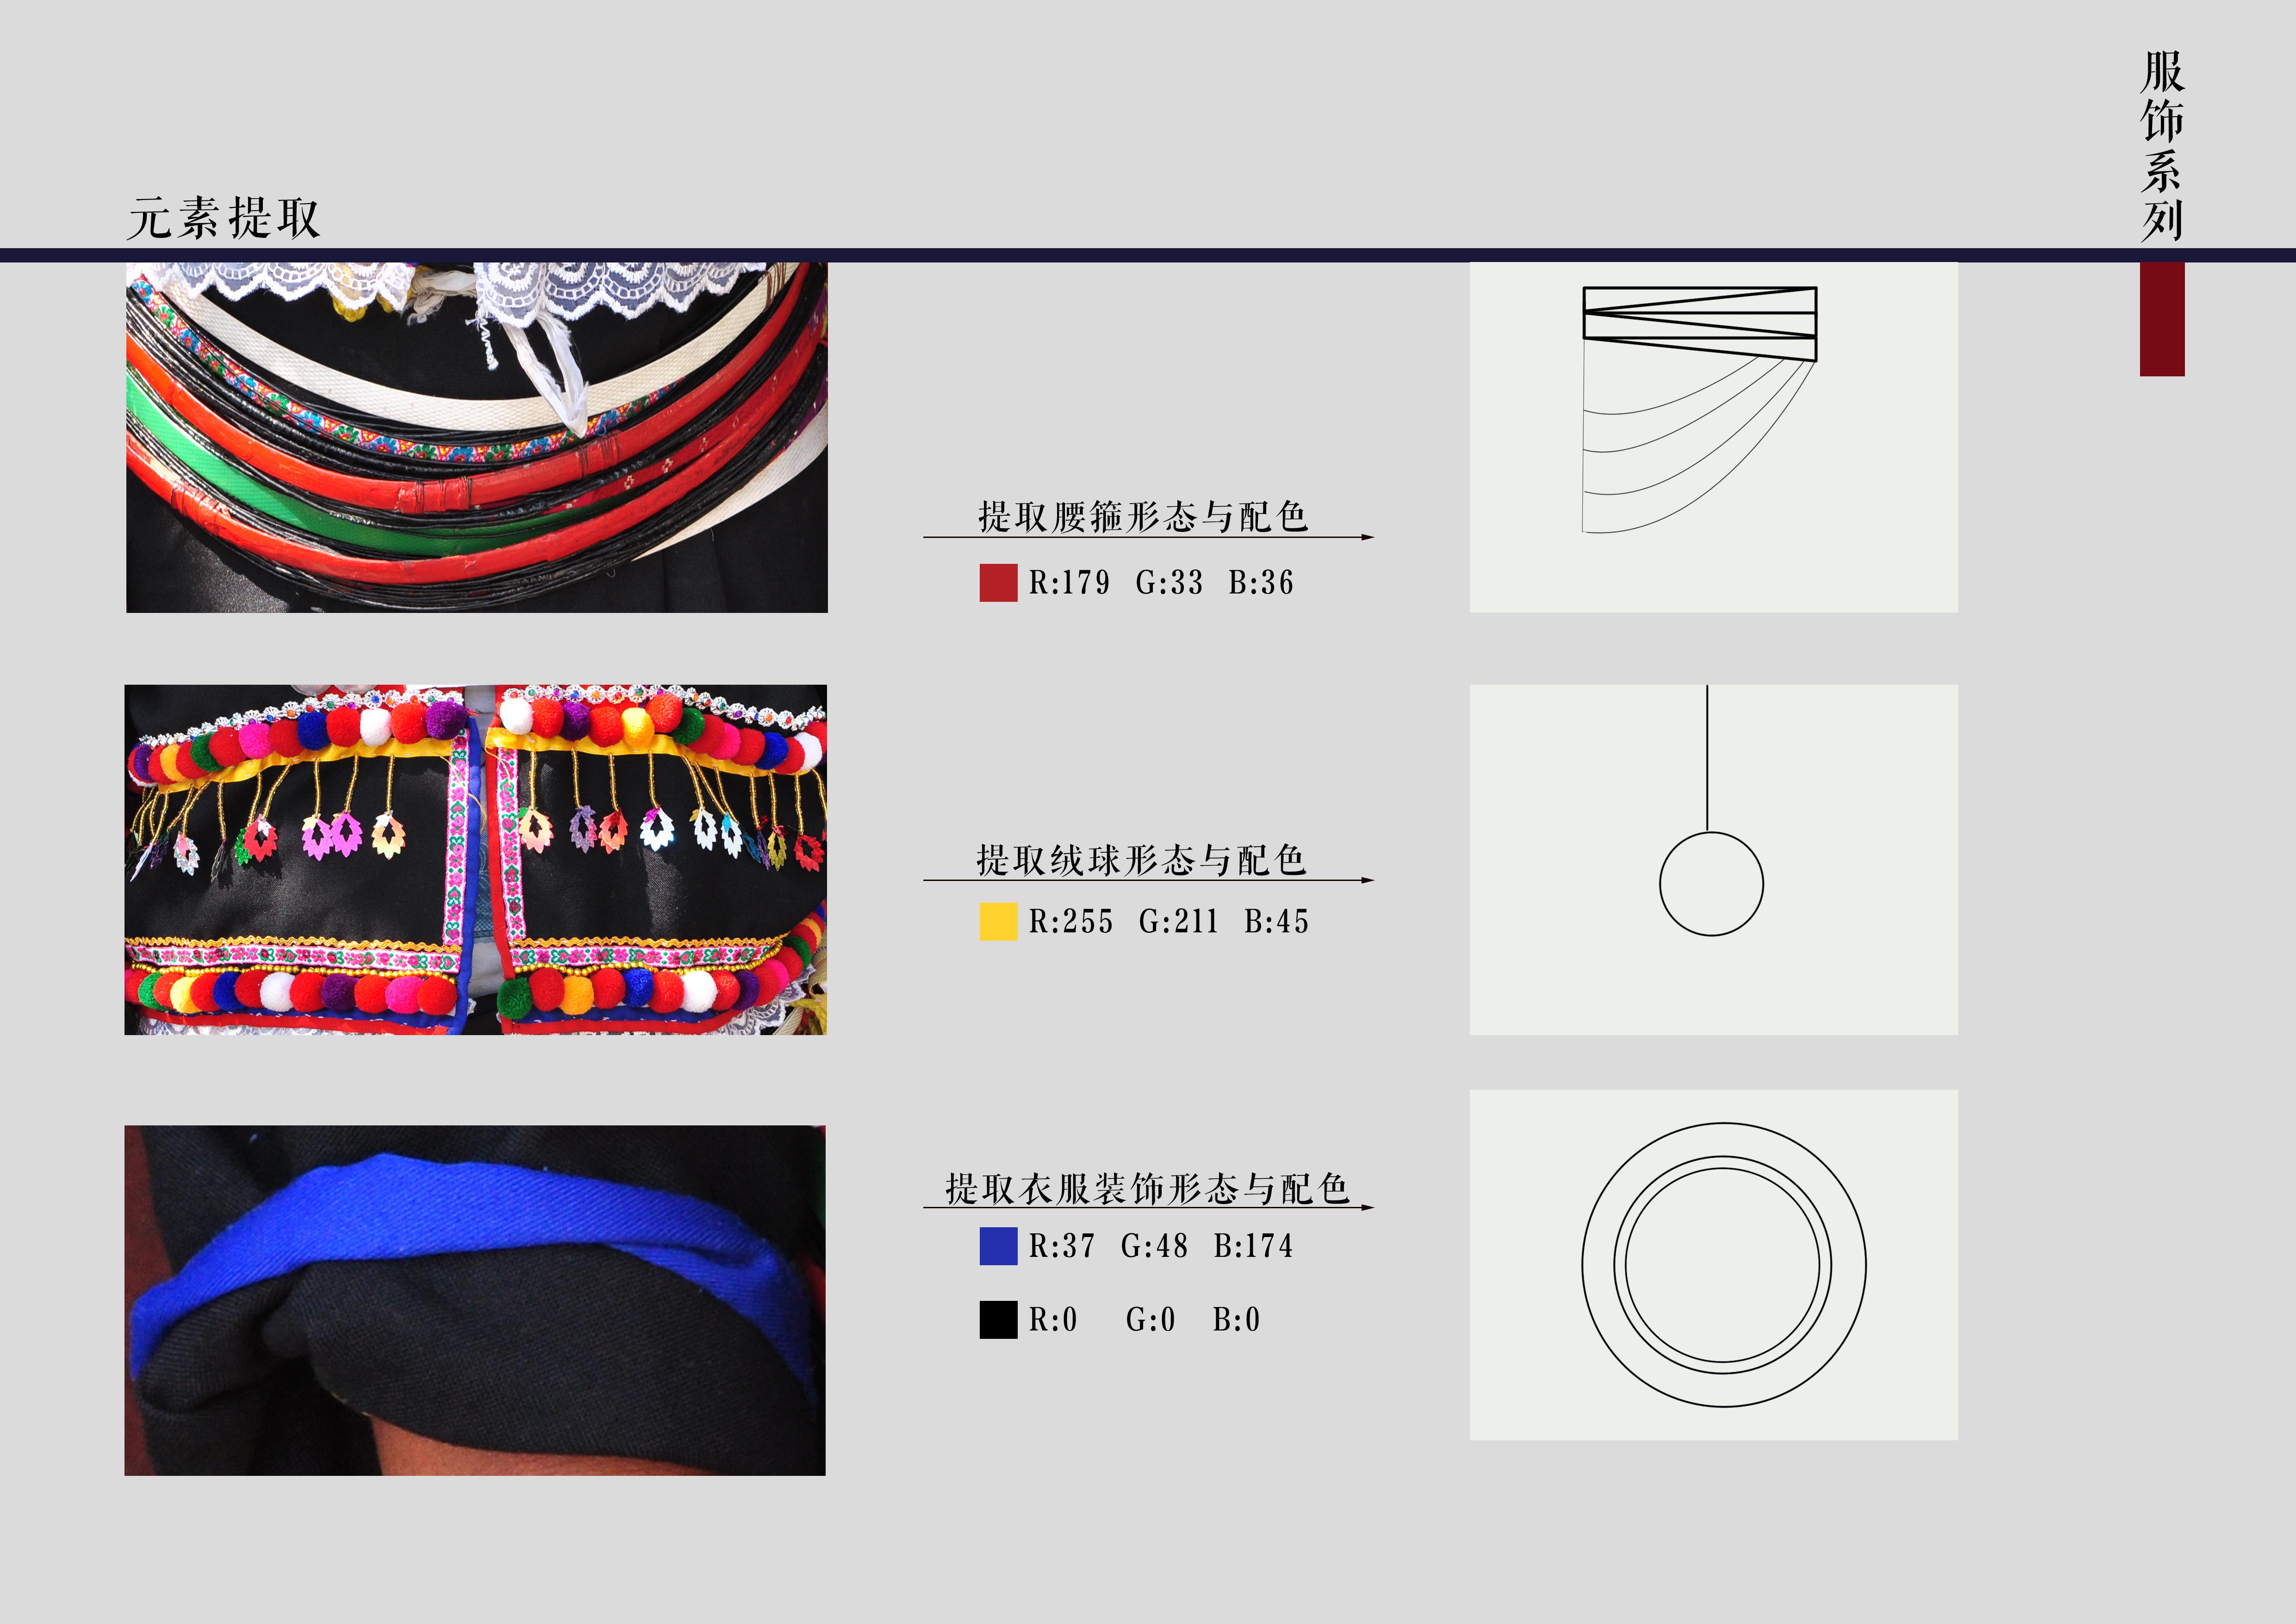 德昂族茶文化衍生产品设计——德昂族服饰系列图片